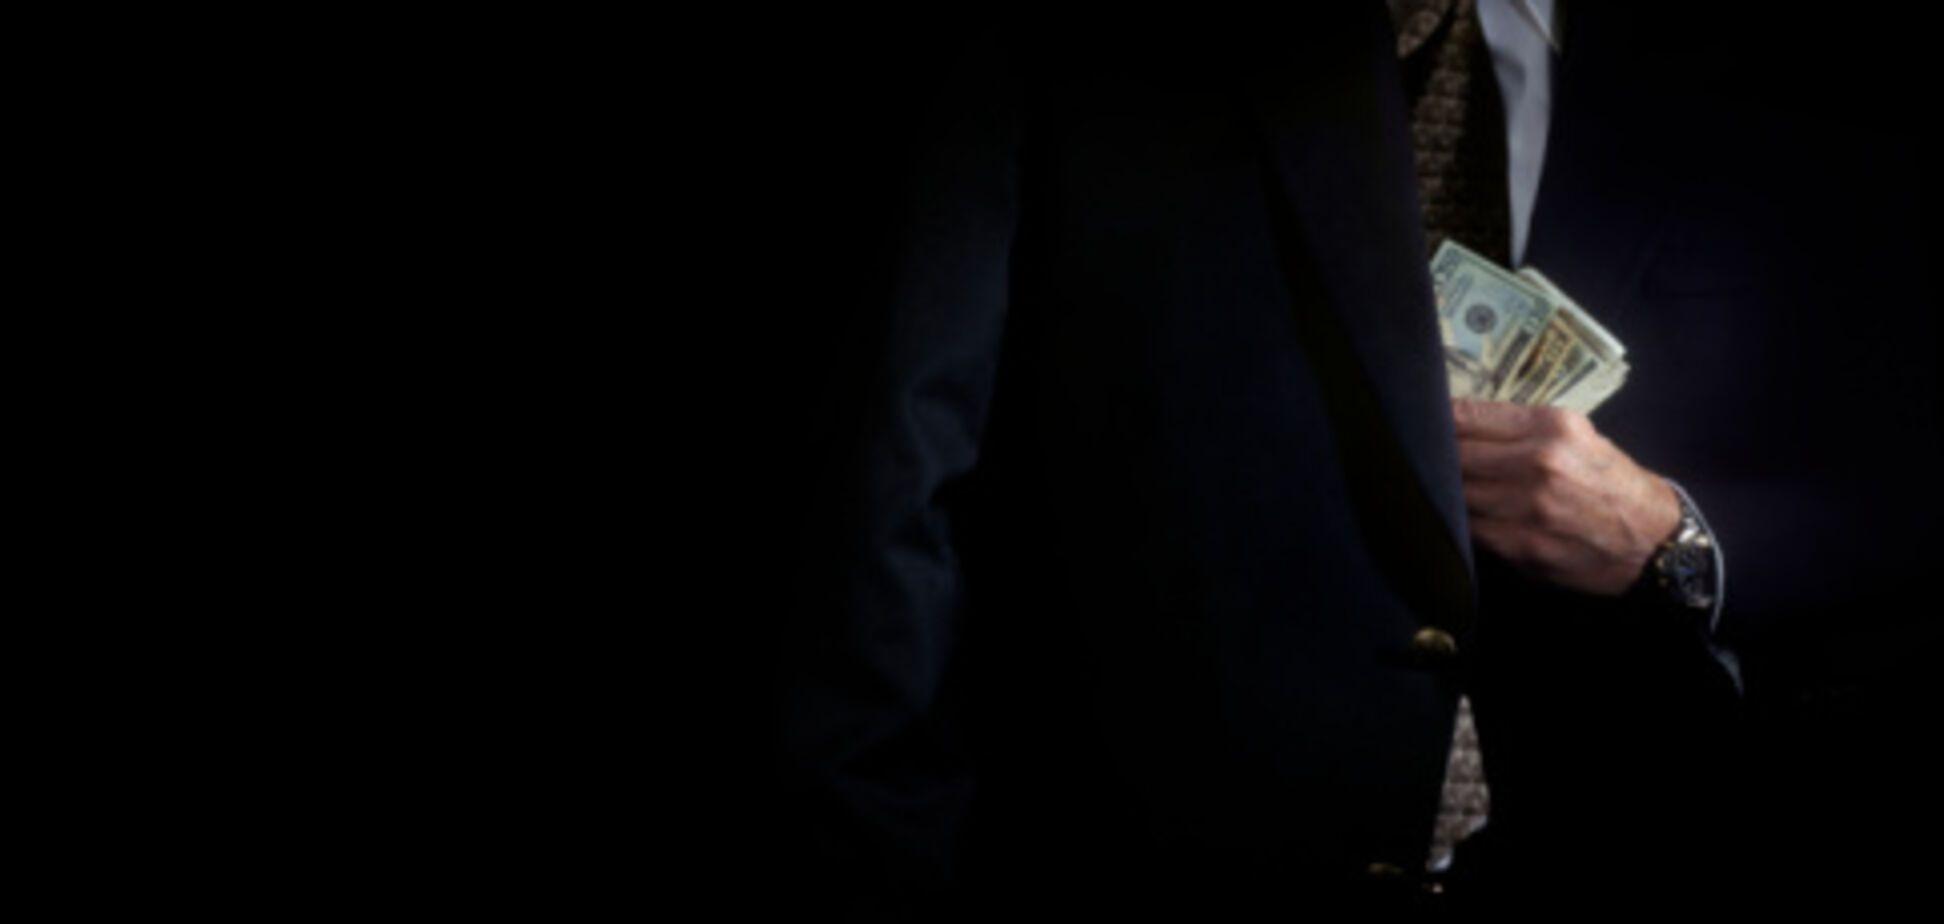 НАБУ: збитки від корупції в АПК перевищили 2 мільярди